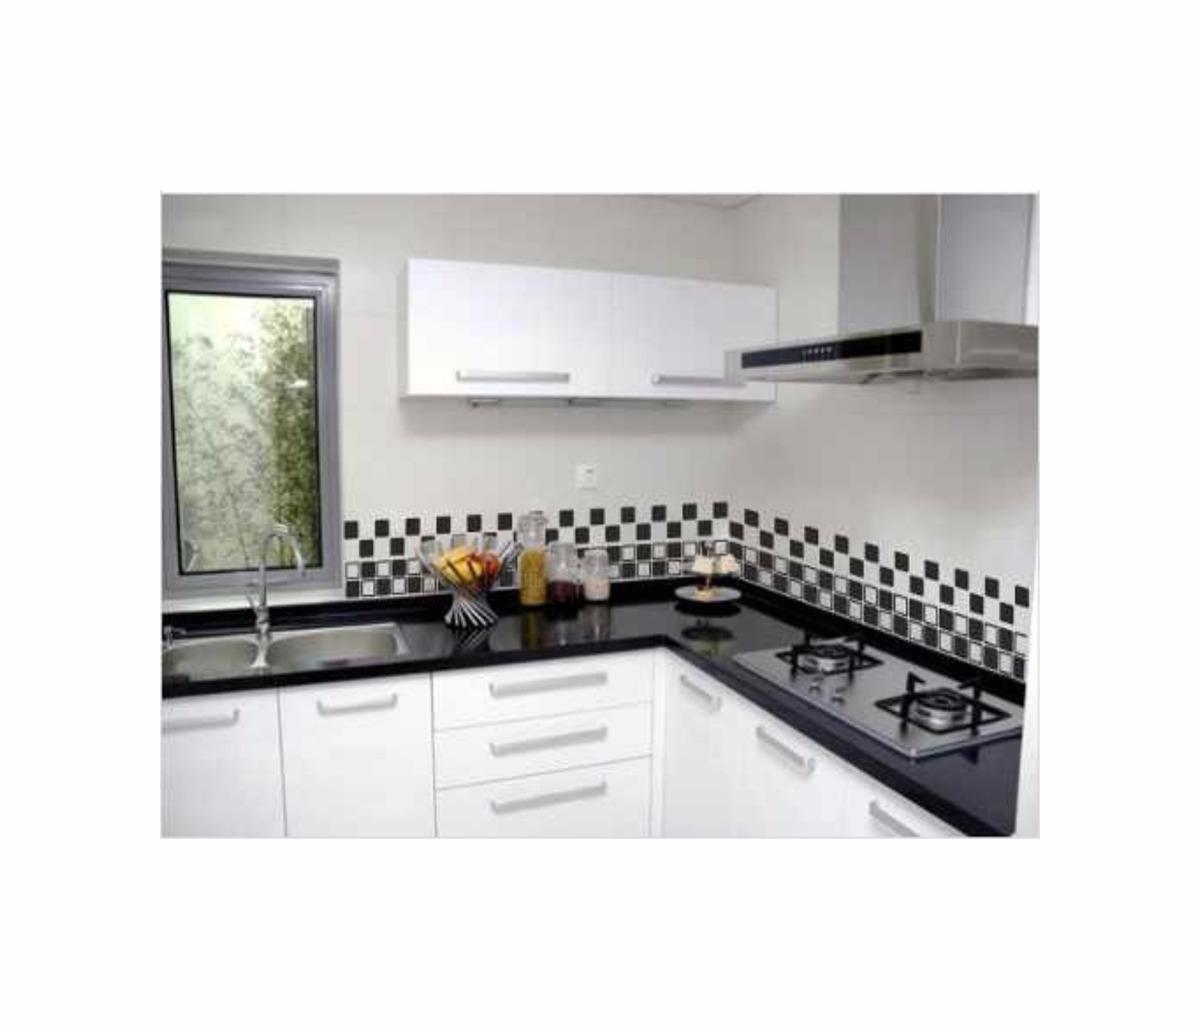 Para Banheiro Cozinha E Todos Ambientes R$ 1 00 em Mercado Livre #6C6543 1200x1029 Balcao Banheiro Mercado Livre